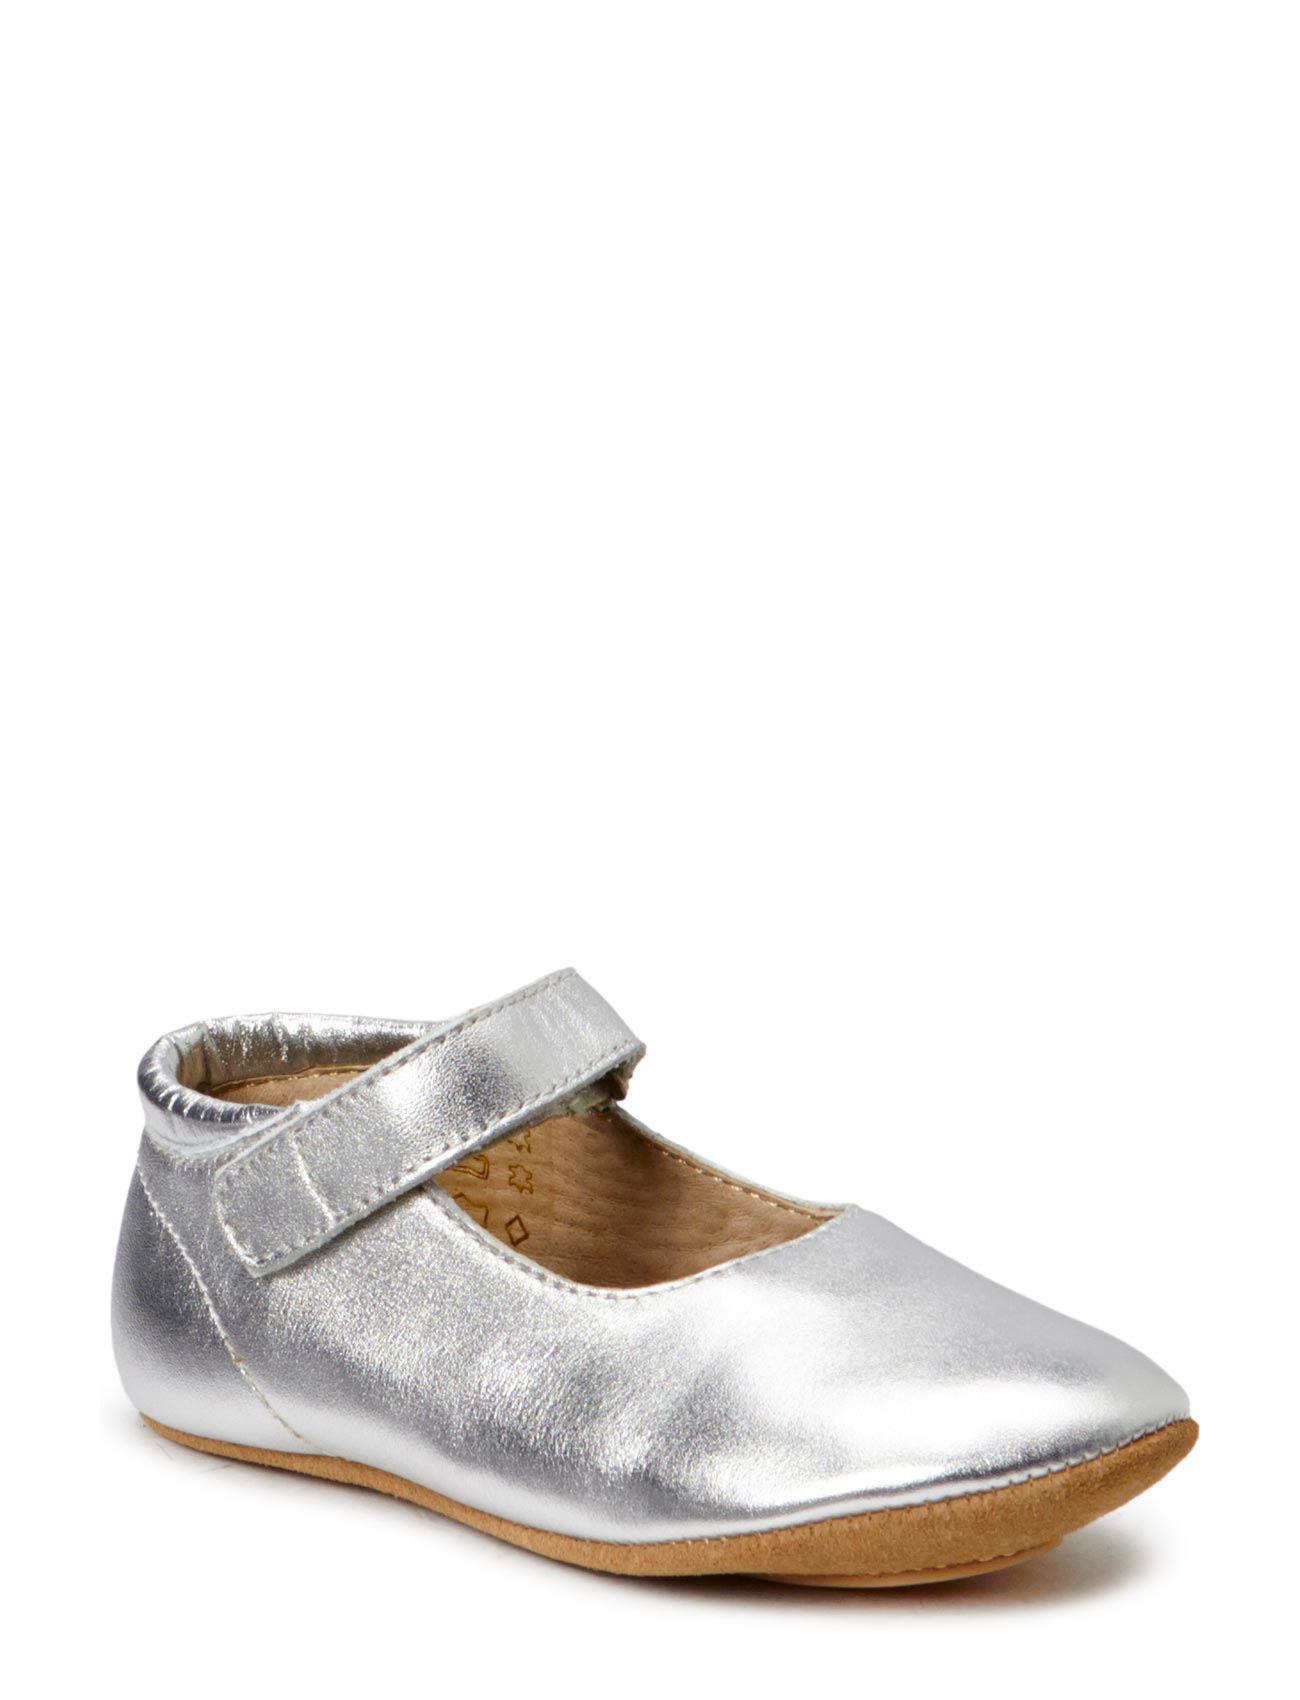 e9d7353af6f0 Slippers Ballerina (01 Silver) (174.50 kr) - Bisgaard -